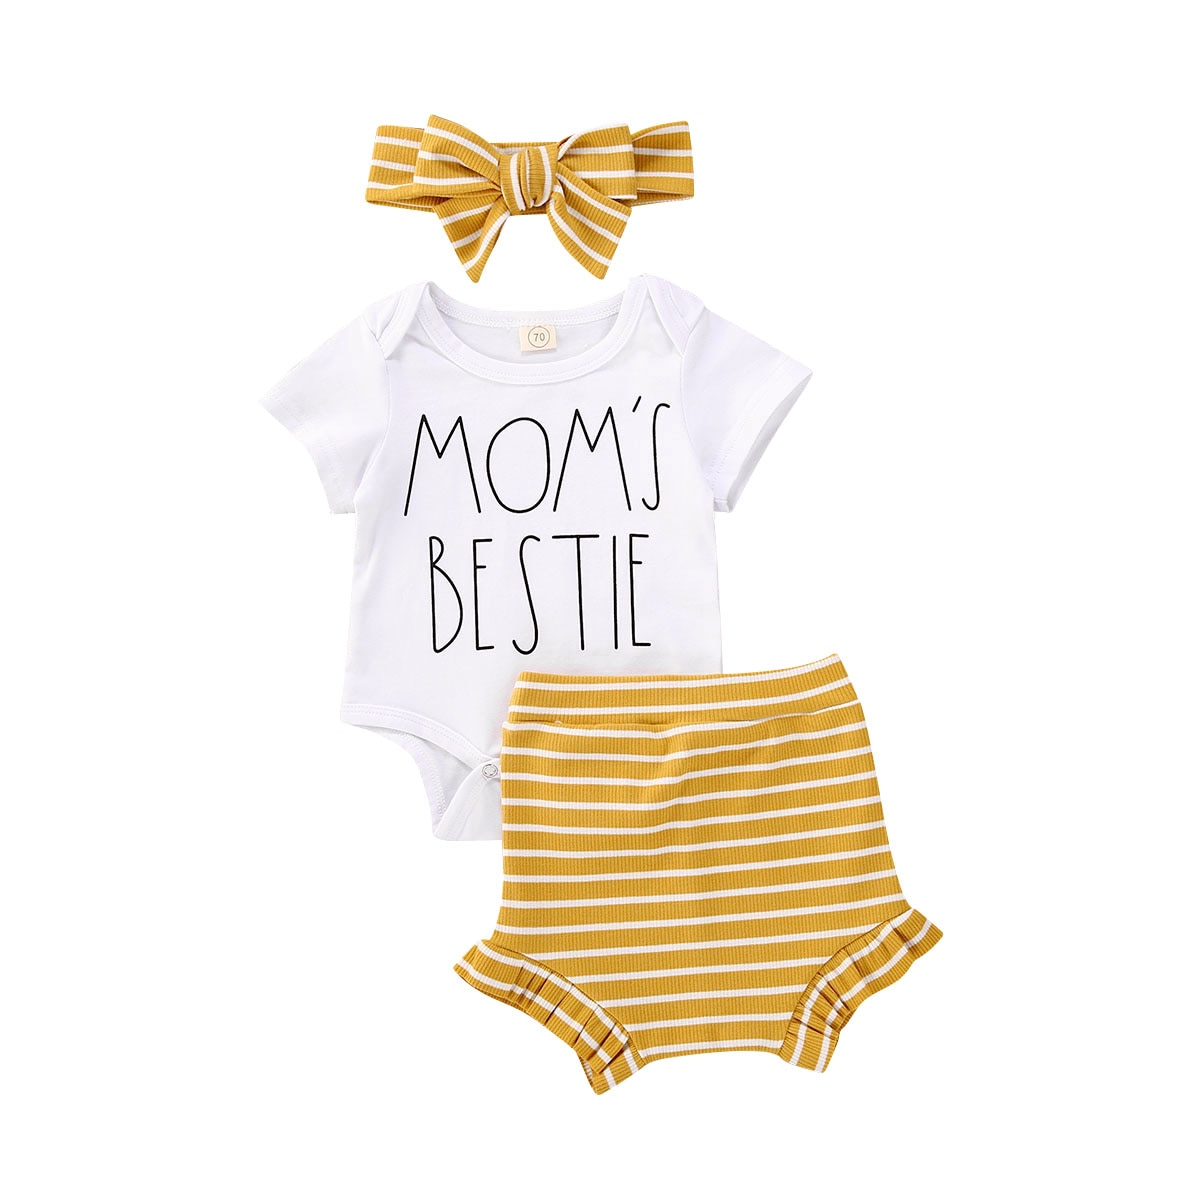 Комплект одежды для новорожденных мальчиков и девочек, летний комбинезон с буквенным принтом и коротким рукавом, полосатые шорты, повязка н...